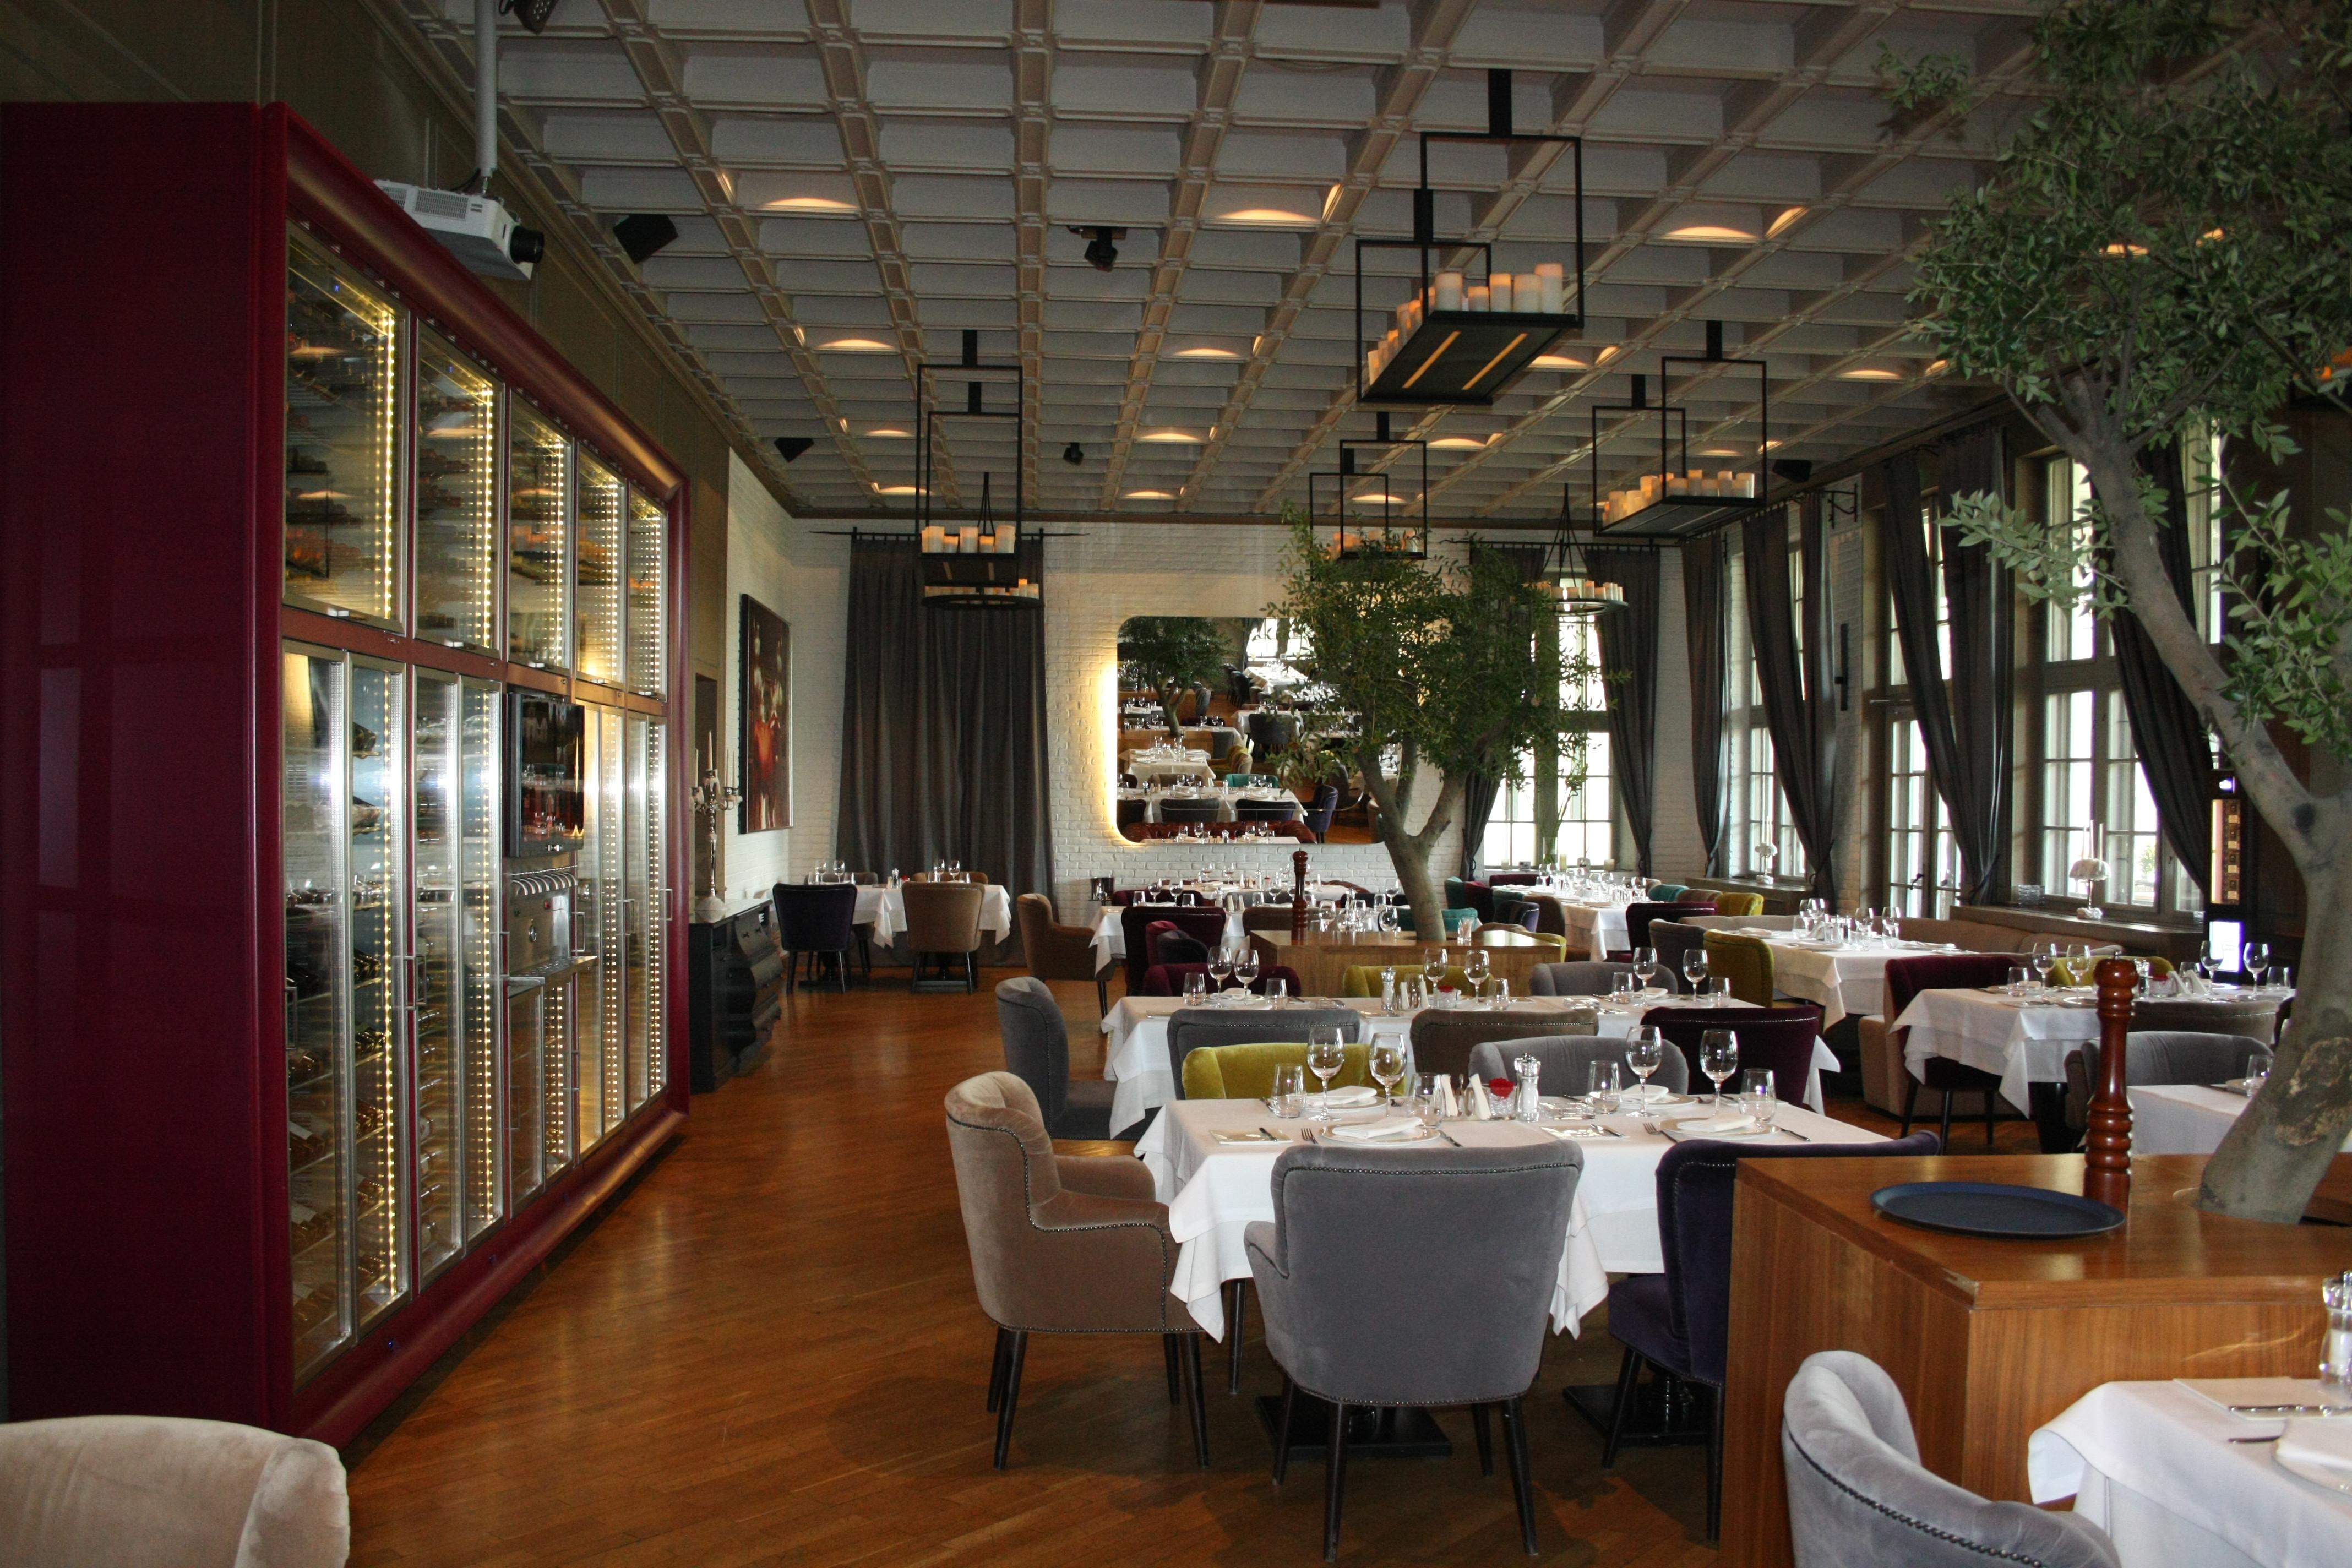 Cum a ajuns Restaurantul Diplomatic din Parcul Herăstrău să fie închiriat de o firmă controlată de Puiu Popoviciu și Dragoș Dobrescu 5